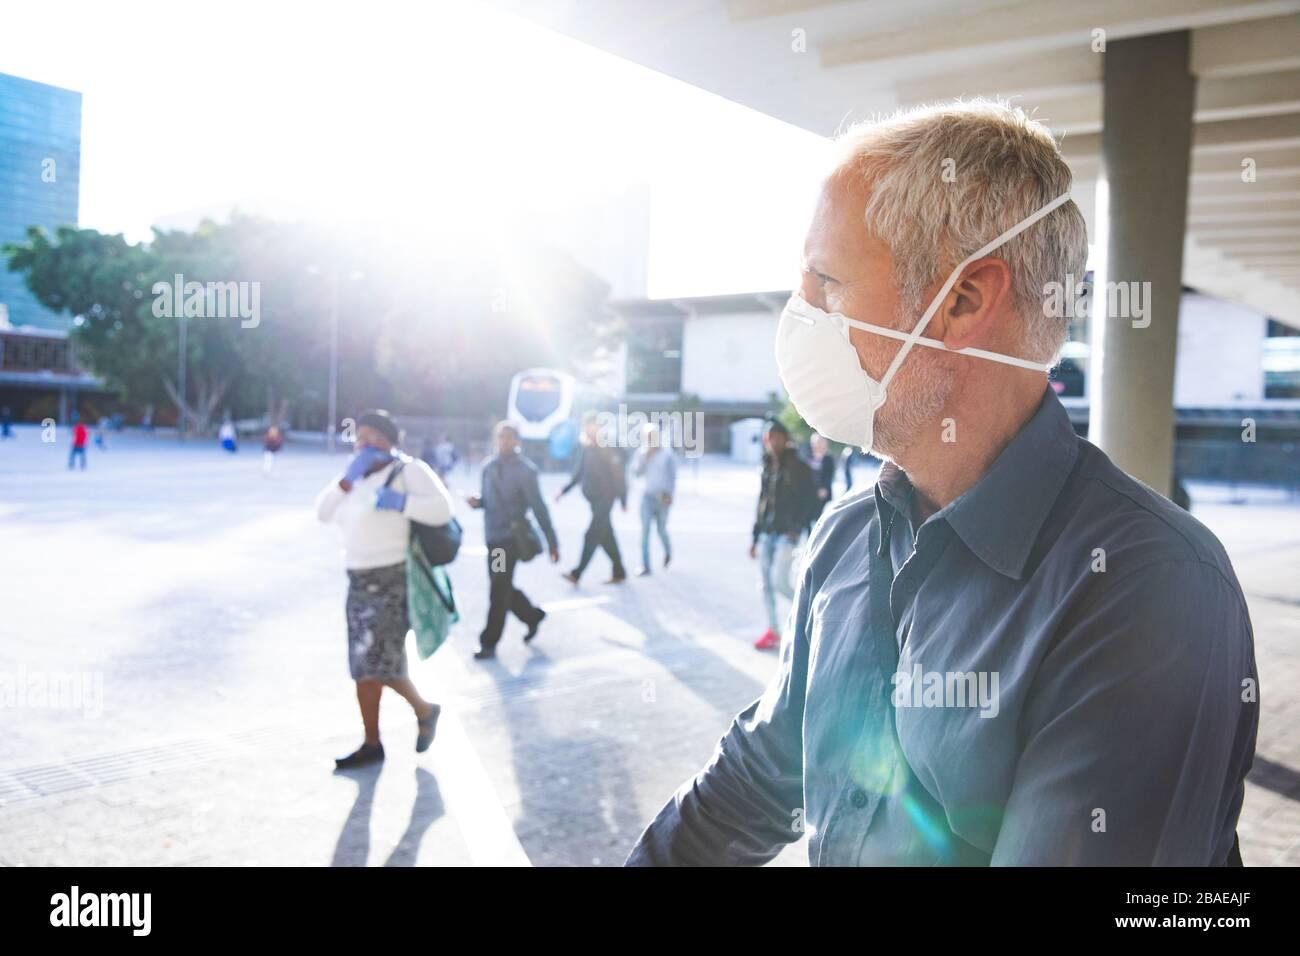 Hombre de mediana edad con mascarilla de coronavirus Covid 19 en movimiento Foto de stock